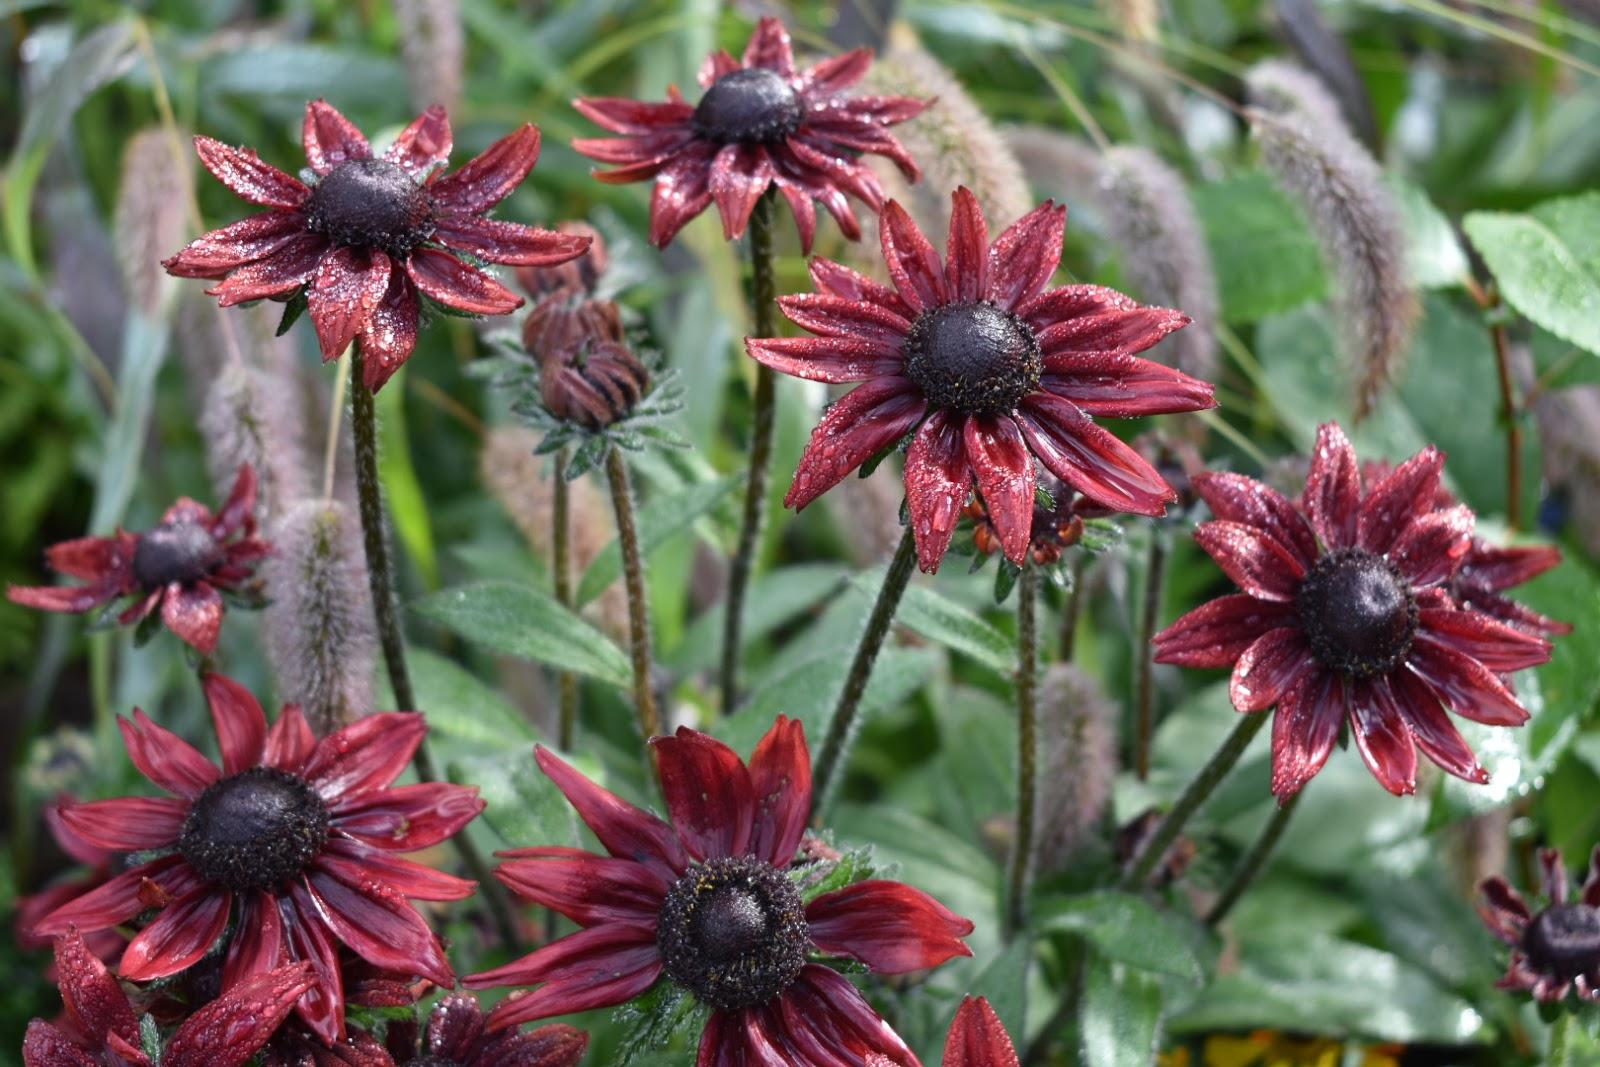 Rudbeckia hirta 'Cherry Brandy', Setaria Macrostachya 'Will Scarlet'